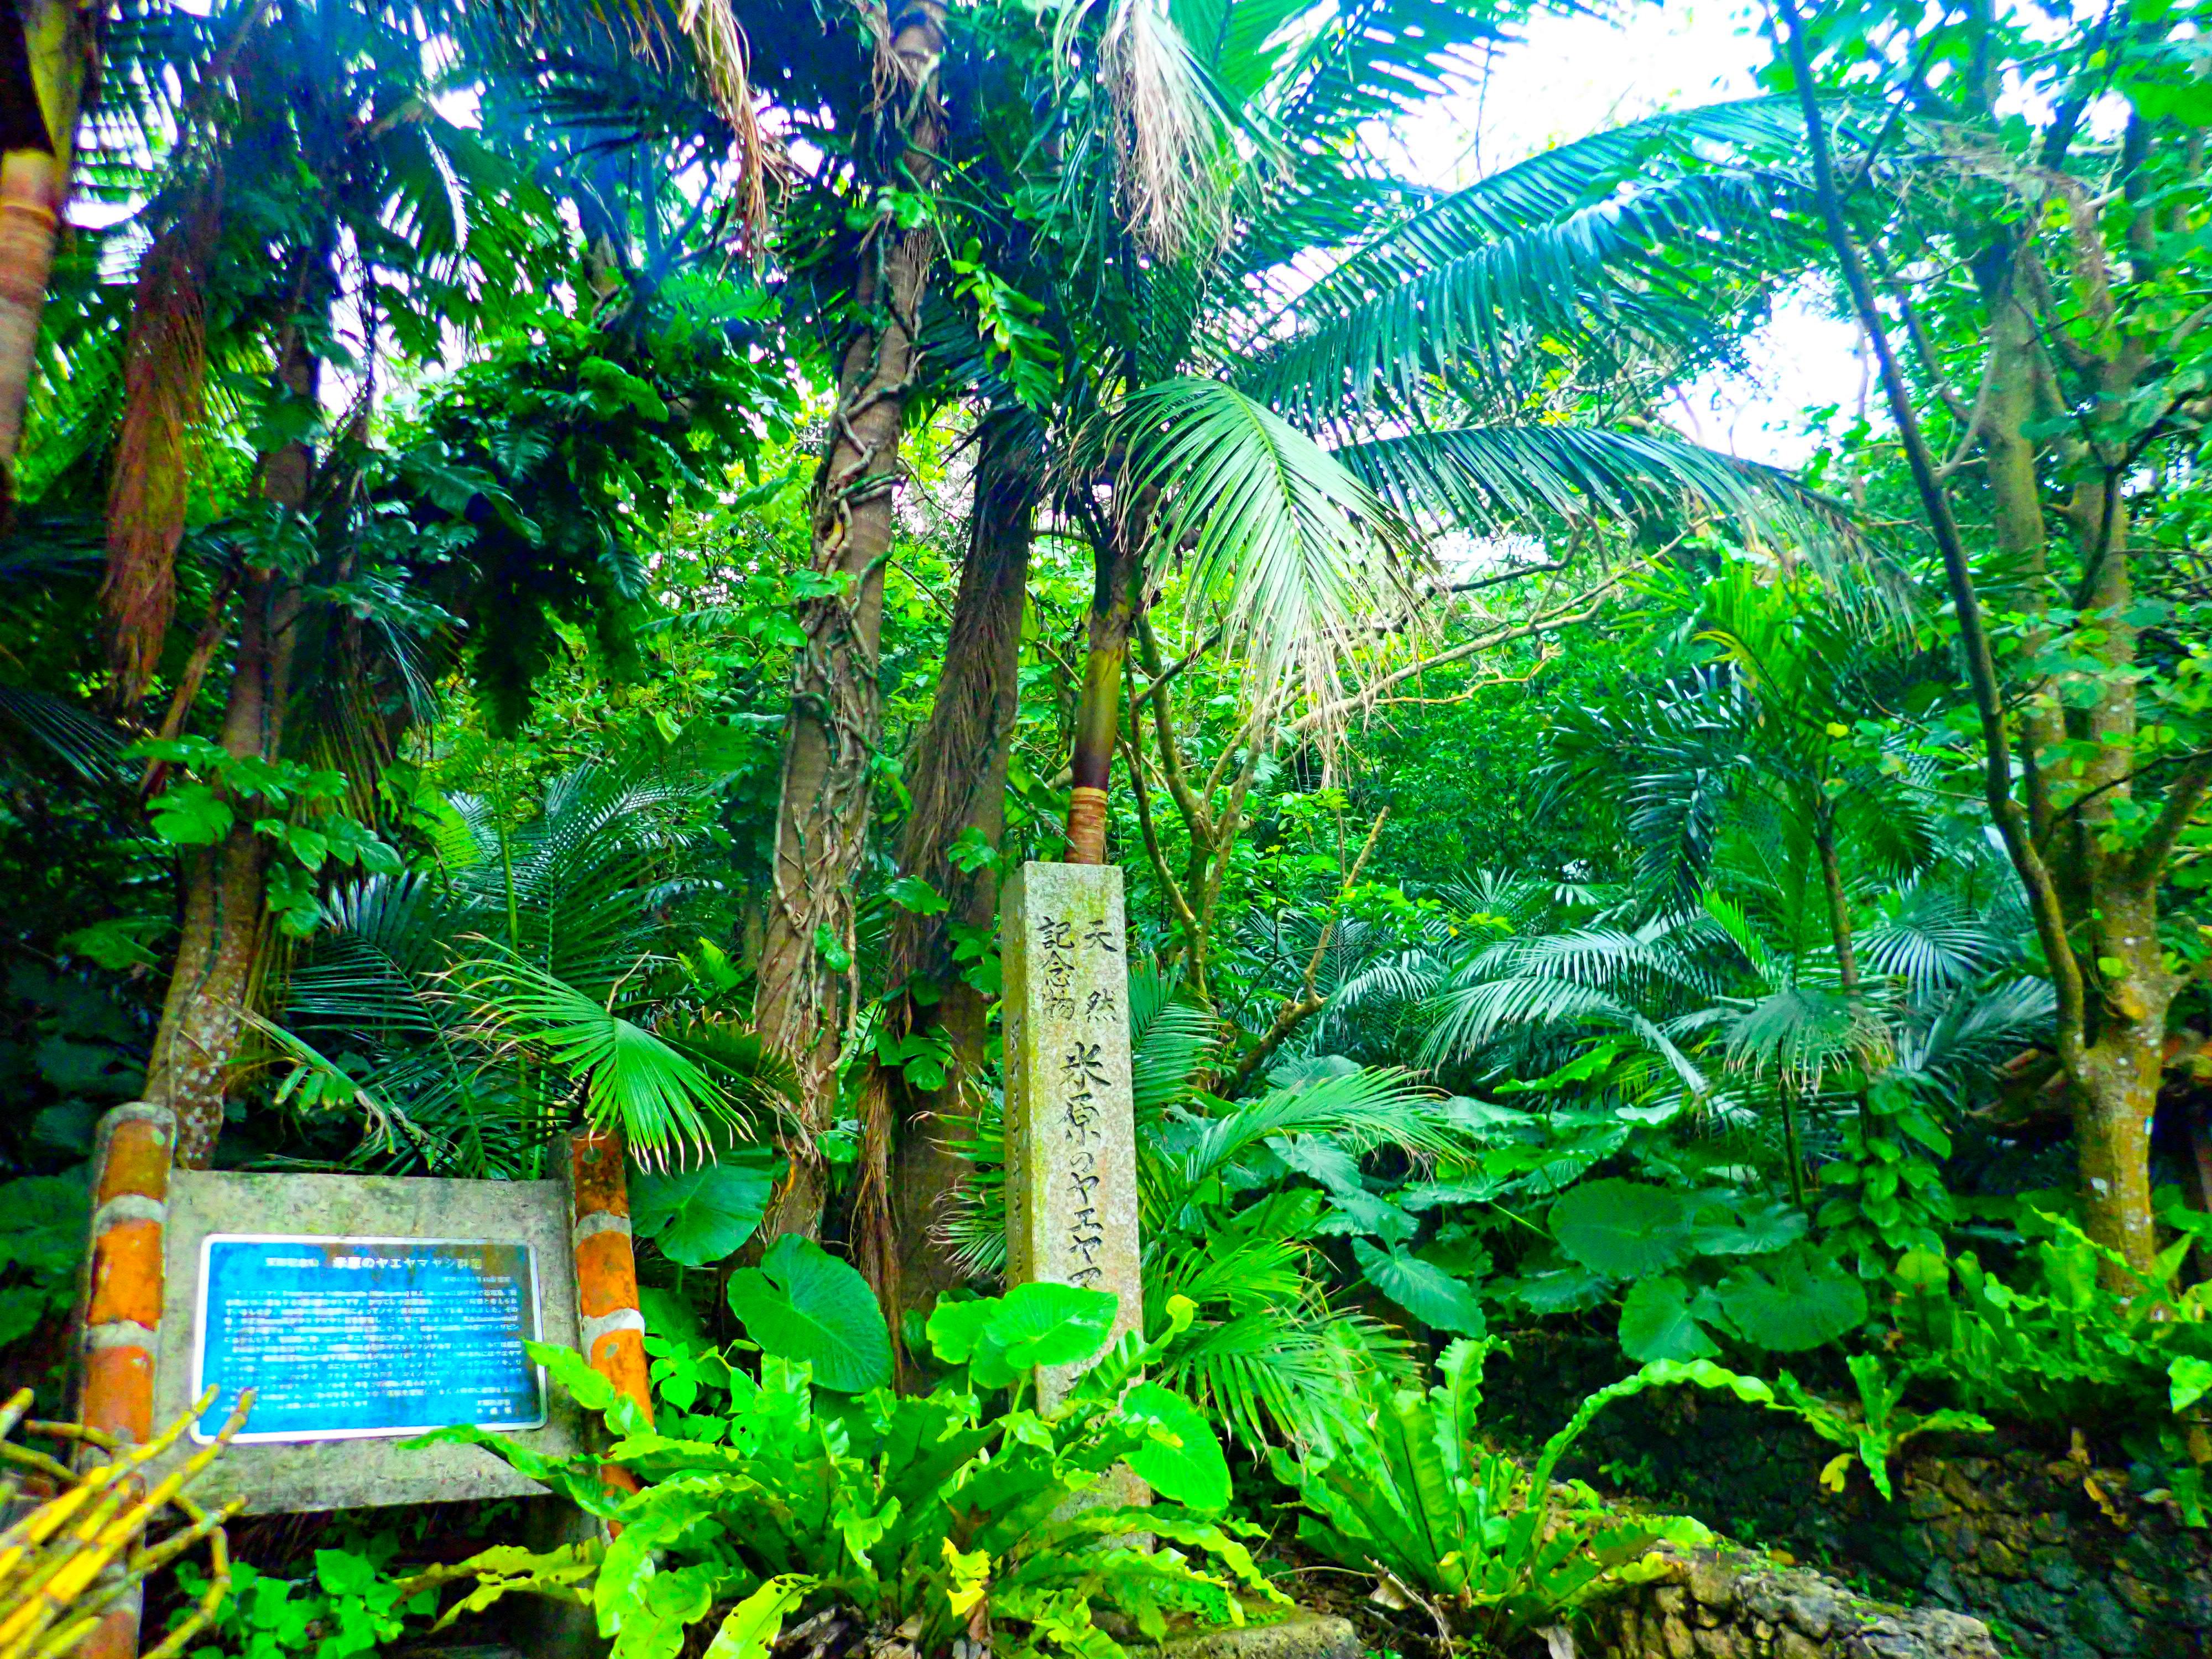 石垣島に自生しているヤエヤマヤシ